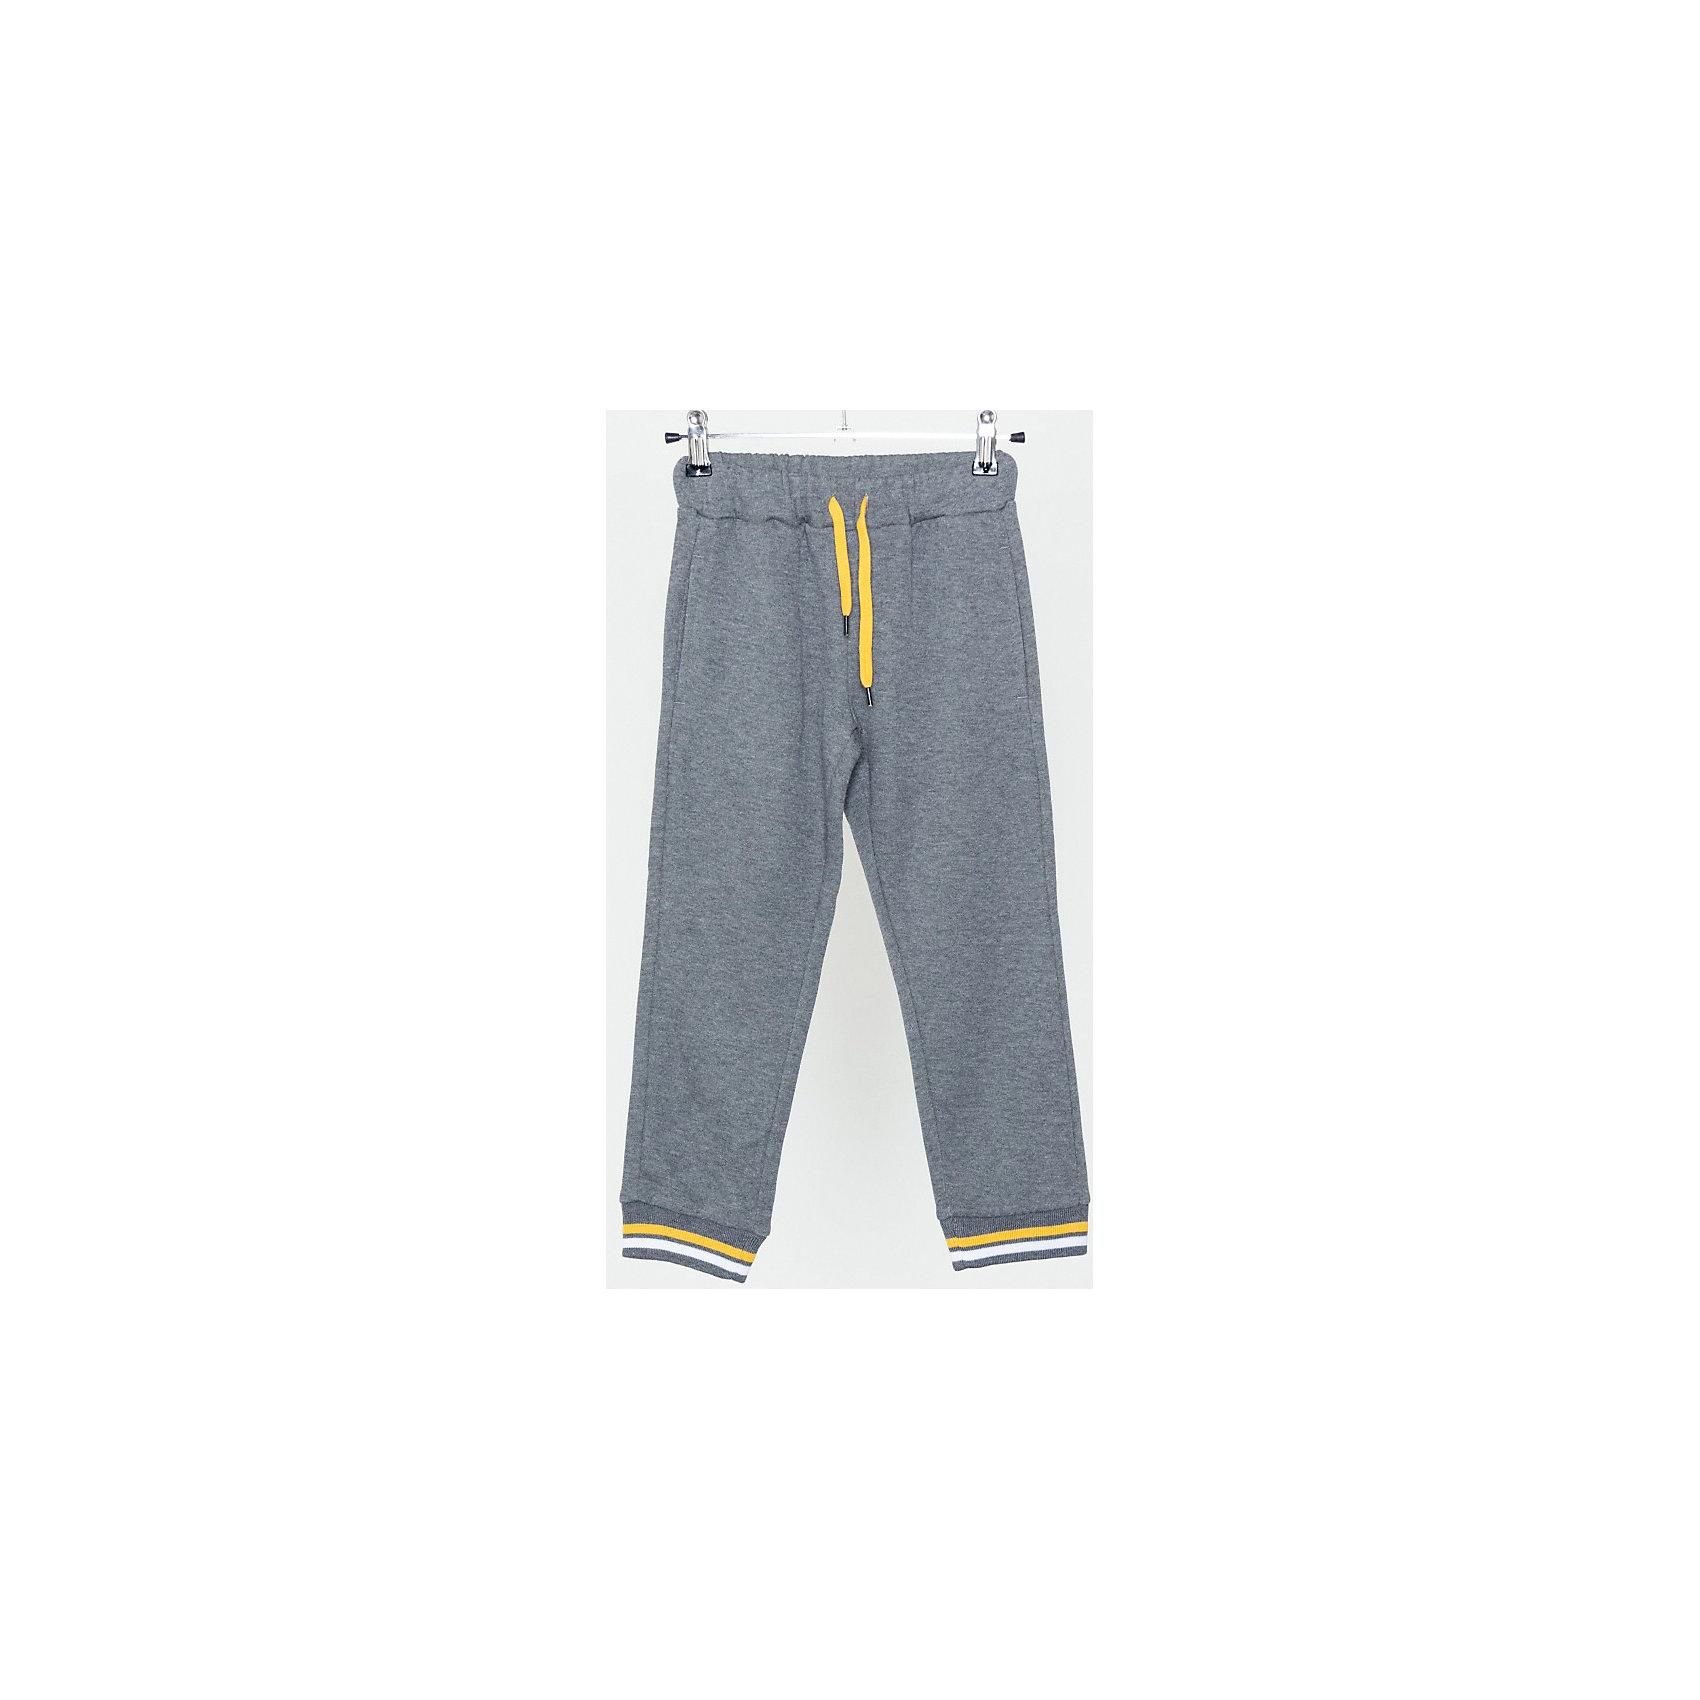 Брюки для мальчика SELAСпортивные брюки - незаменимая вещь в детском гардеробе. Эта модель отлично сидит на ребенке, она сшита из приятного на ощупь материала, который обеспечивает ребенку комфорт. Модель станет отличной базовой вещью, которая будет уместна в различных сочетаниях.<br>Одежда от бренда Sela (Села) - это качество по приемлемым ценам. Многие российские родители уже оценили преимущества продукции этой компании и всё чаще приобретают одежду и аксессуары Sela.<br><br>Дополнительная информация:<br><br>материал: 80% хлопок, 20% ПЭ;<br>удобная посадка;<br>резинка и шнурок в поясе.<br><br>Брюки для мальчика от бренда Sela можно купить в нашем интернет-магазине.<br><br>Ширина мм: 215<br>Глубина мм: 88<br>Высота мм: 191<br>Вес г: 336<br>Цвет: серый<br>Возраст от месяцев: 18<br>Возраст до месяцев: 24<br>Пол: Мужской<br>Возраст: Детский<br>Размер: 92,116,110,104,98<br>SKU: 4919480